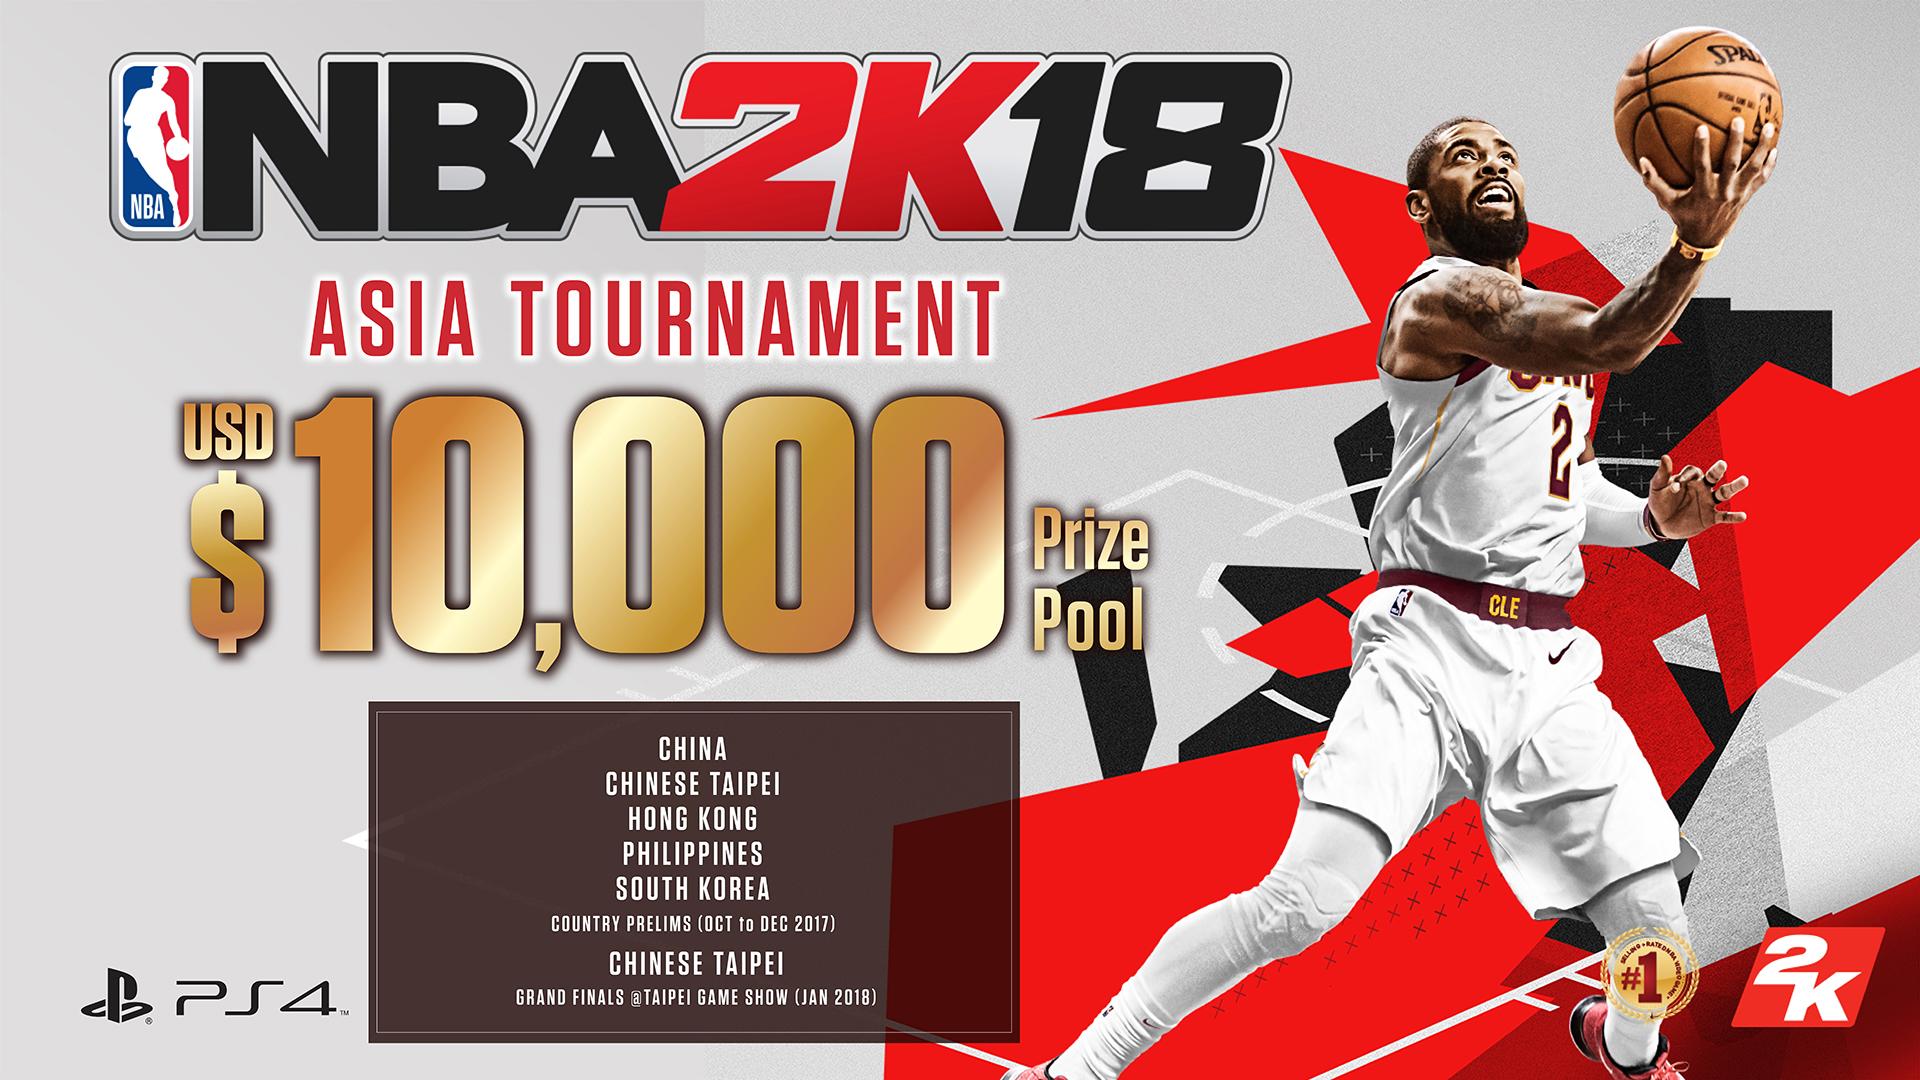 NBA 2K18 Asia Tournament